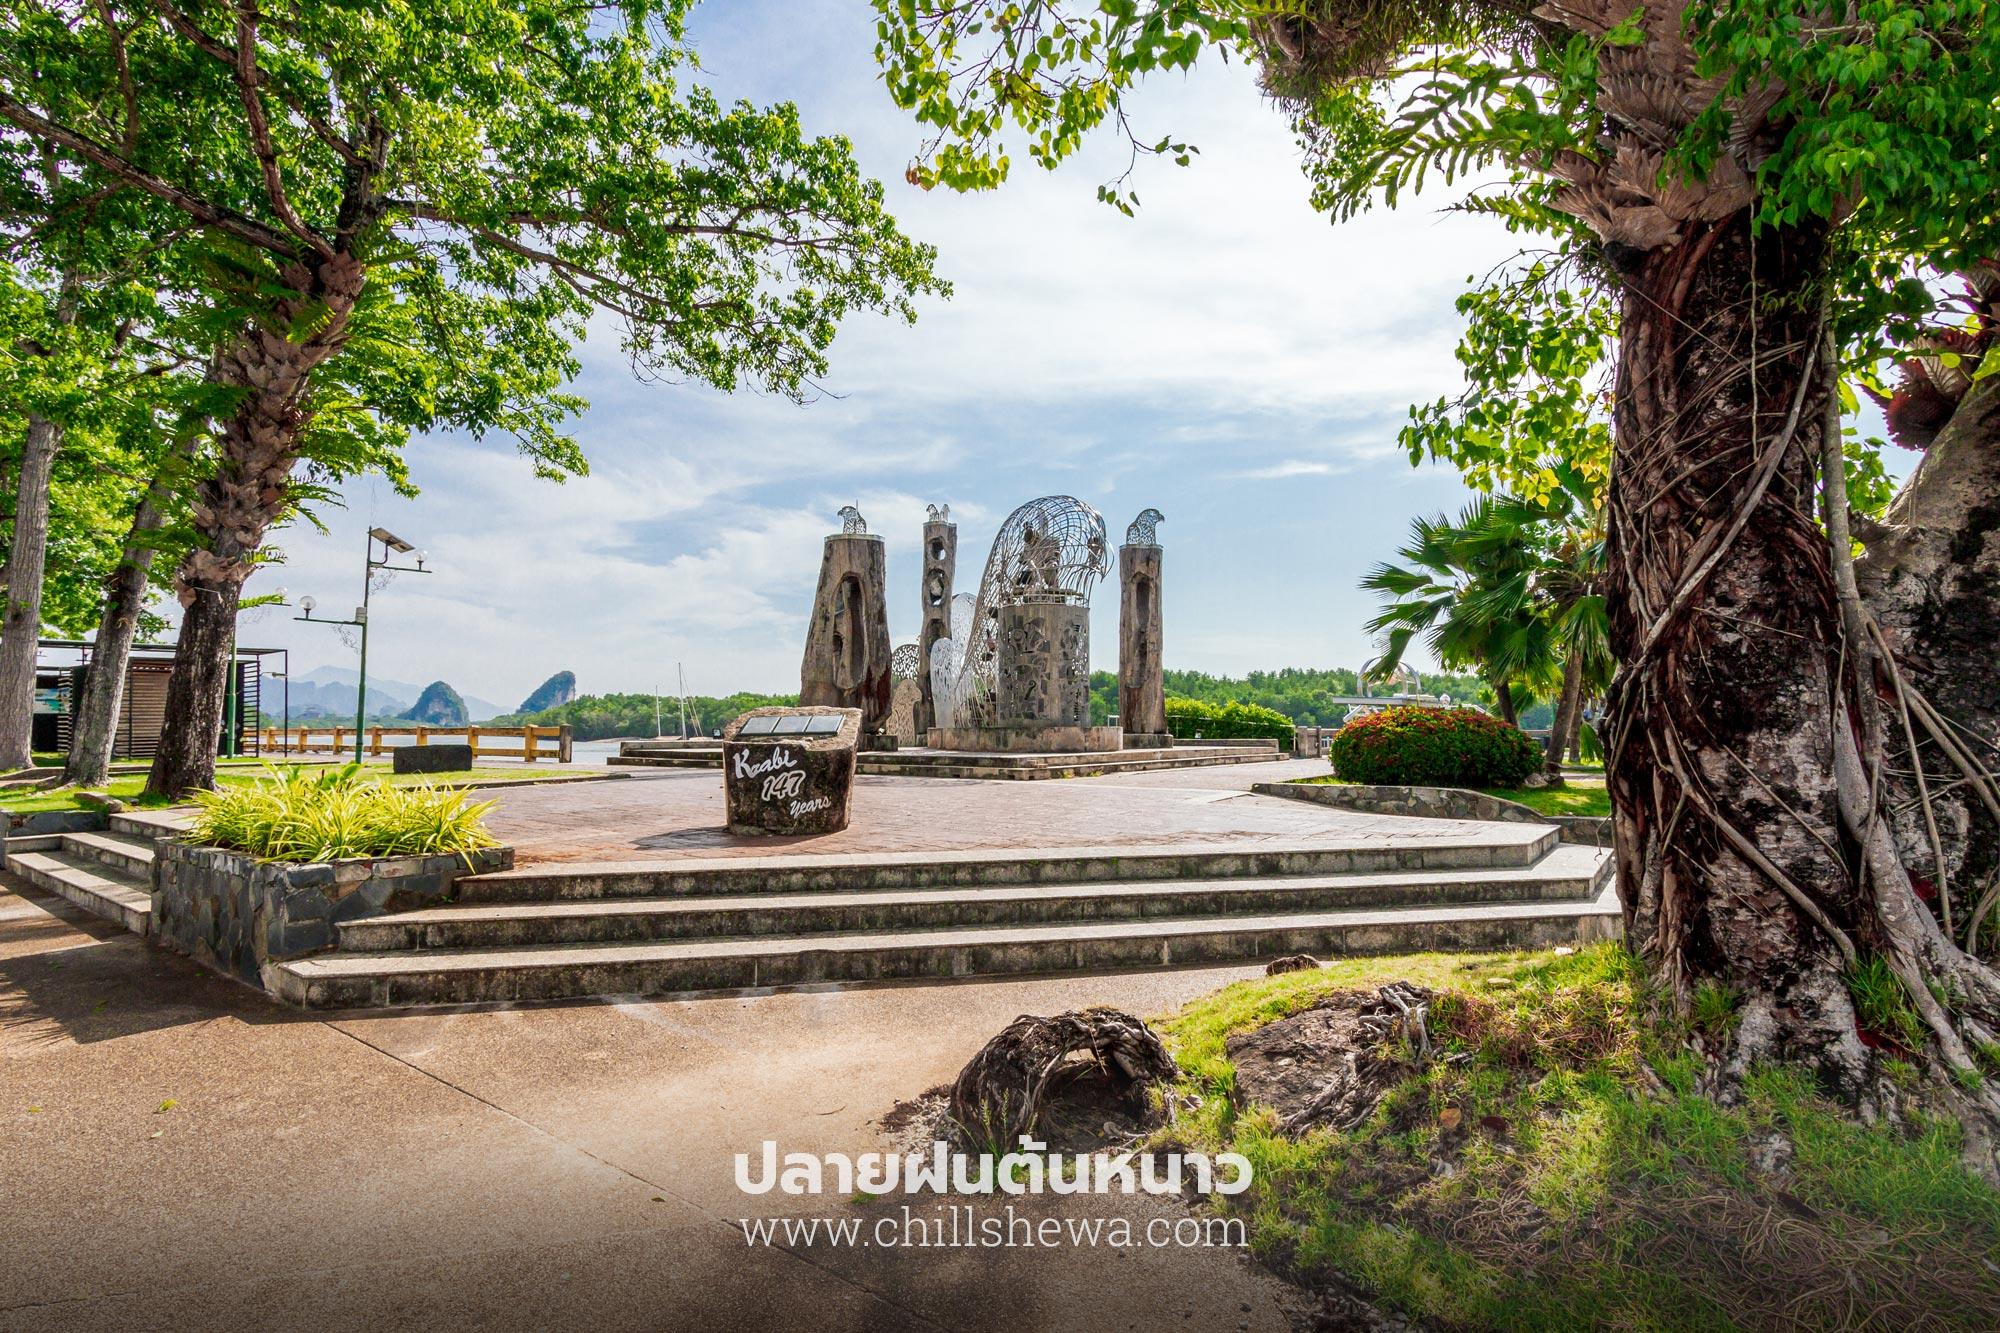 ประติมากรรมไม้มะหาด จังหวัดกระบี่ krabi front bay resort Krabi Front Bay Resort กระบี่ ฟร้อนท์ เบย์ รีสอร์ท Krabi Front Bay Resort 08